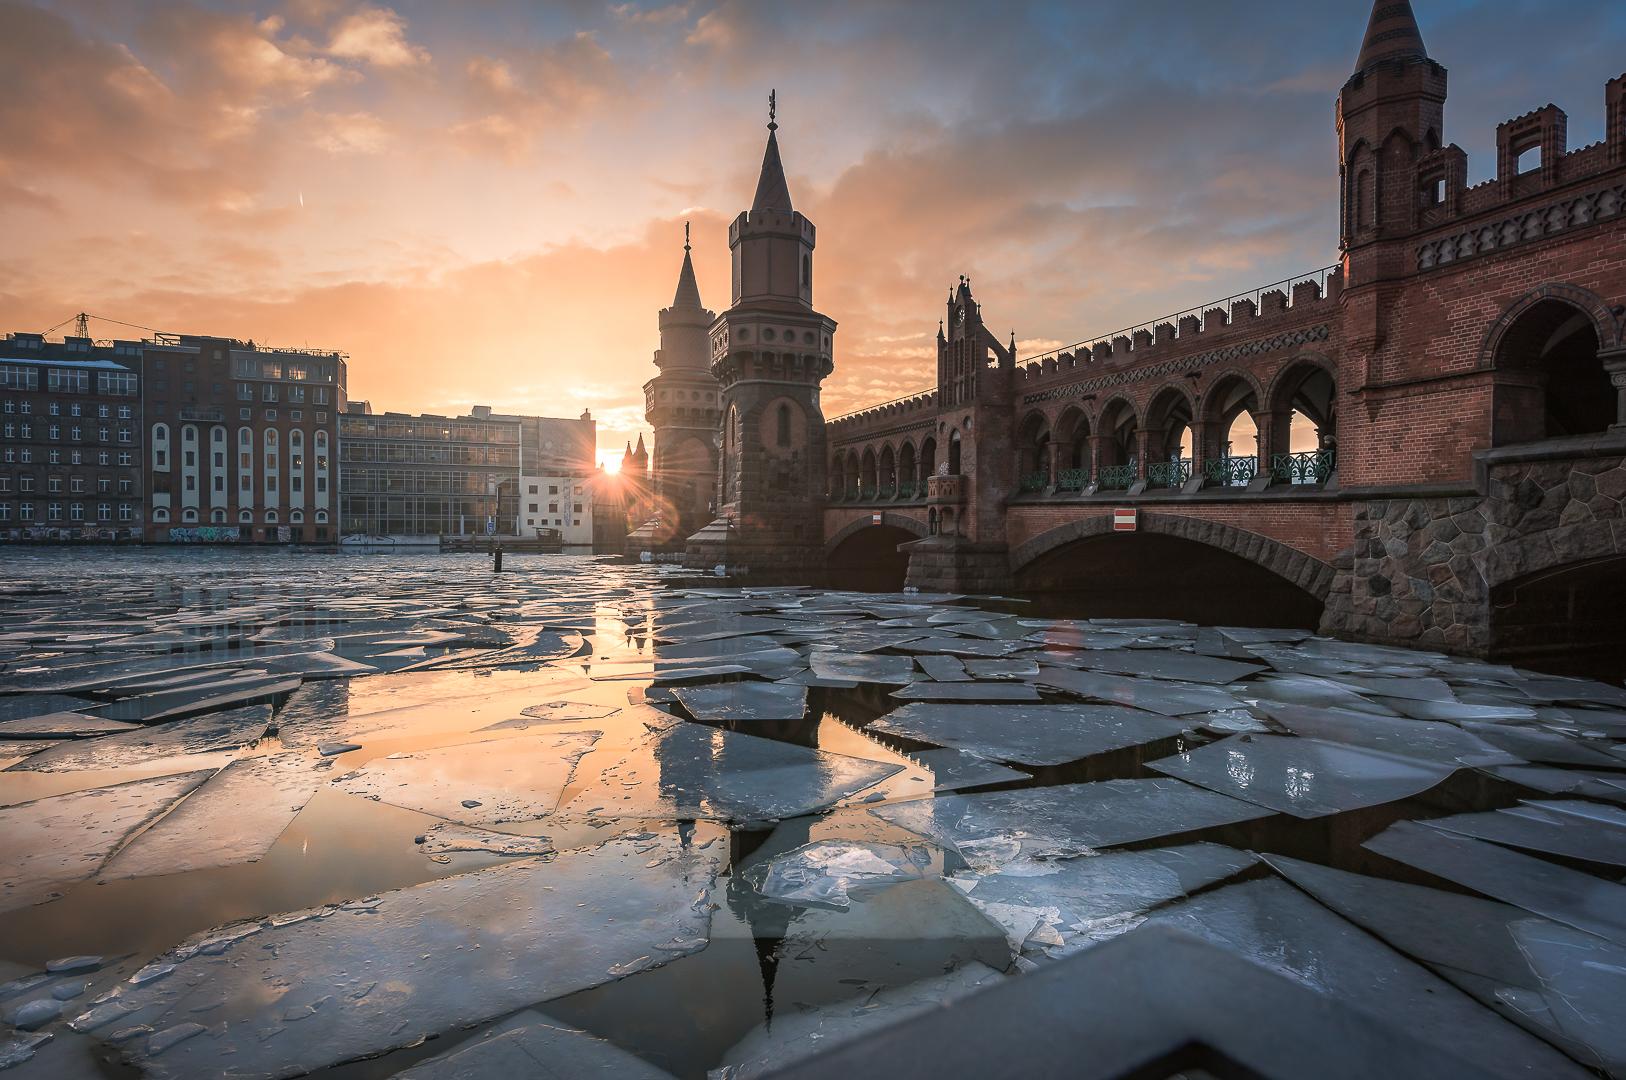 Berlin, Oberbaumbrücke, Bridge, Architektur, Architecture, Ice, Eis, Eisschollen, Sunset, Sonnenuntergang,